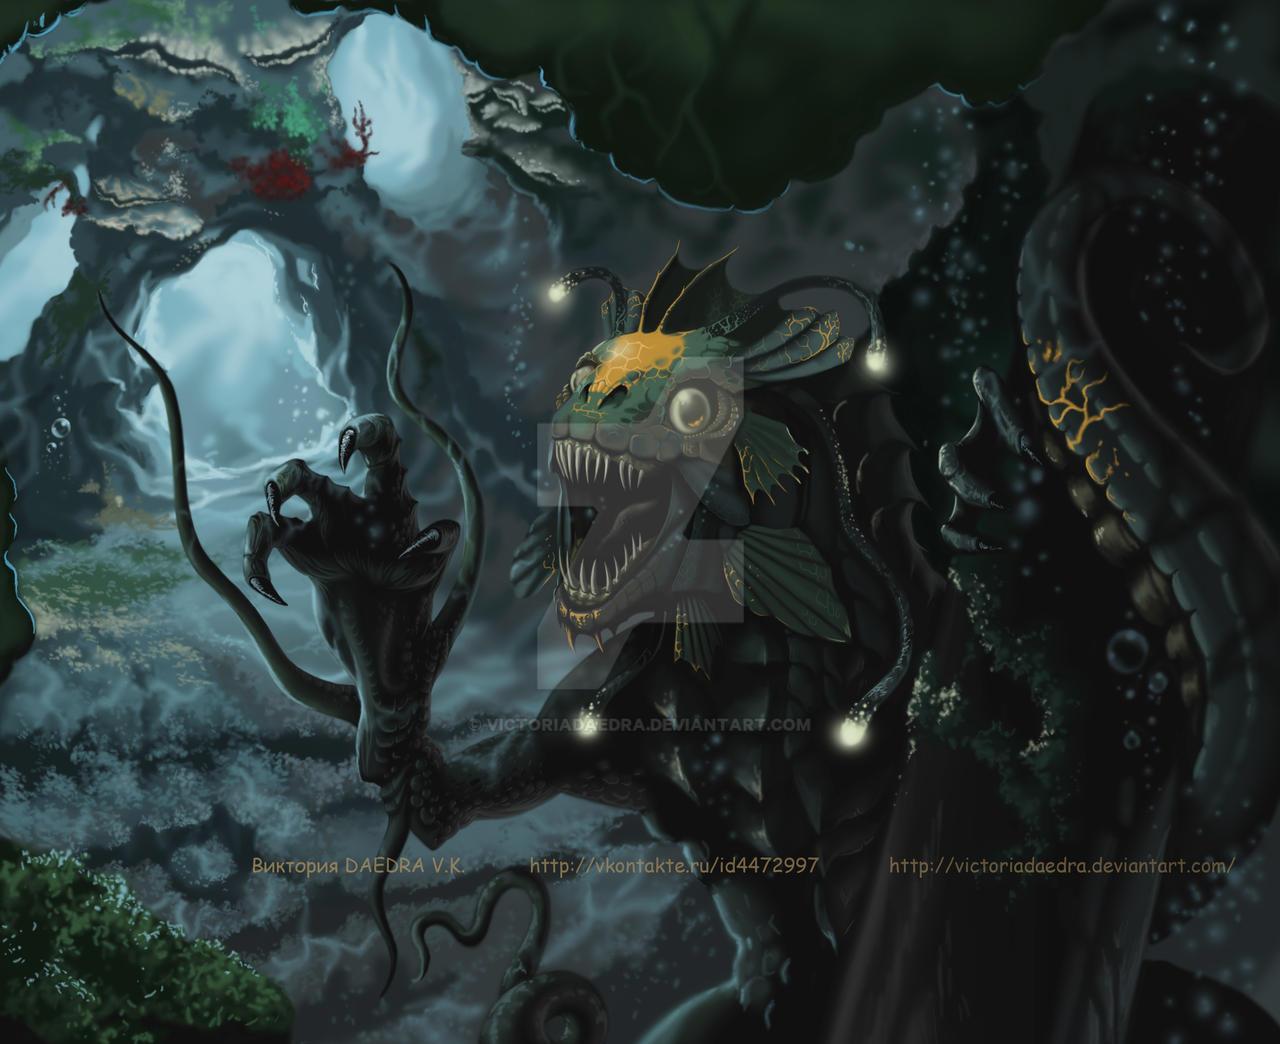 Dagon_2 by VictoriaDAEDRA